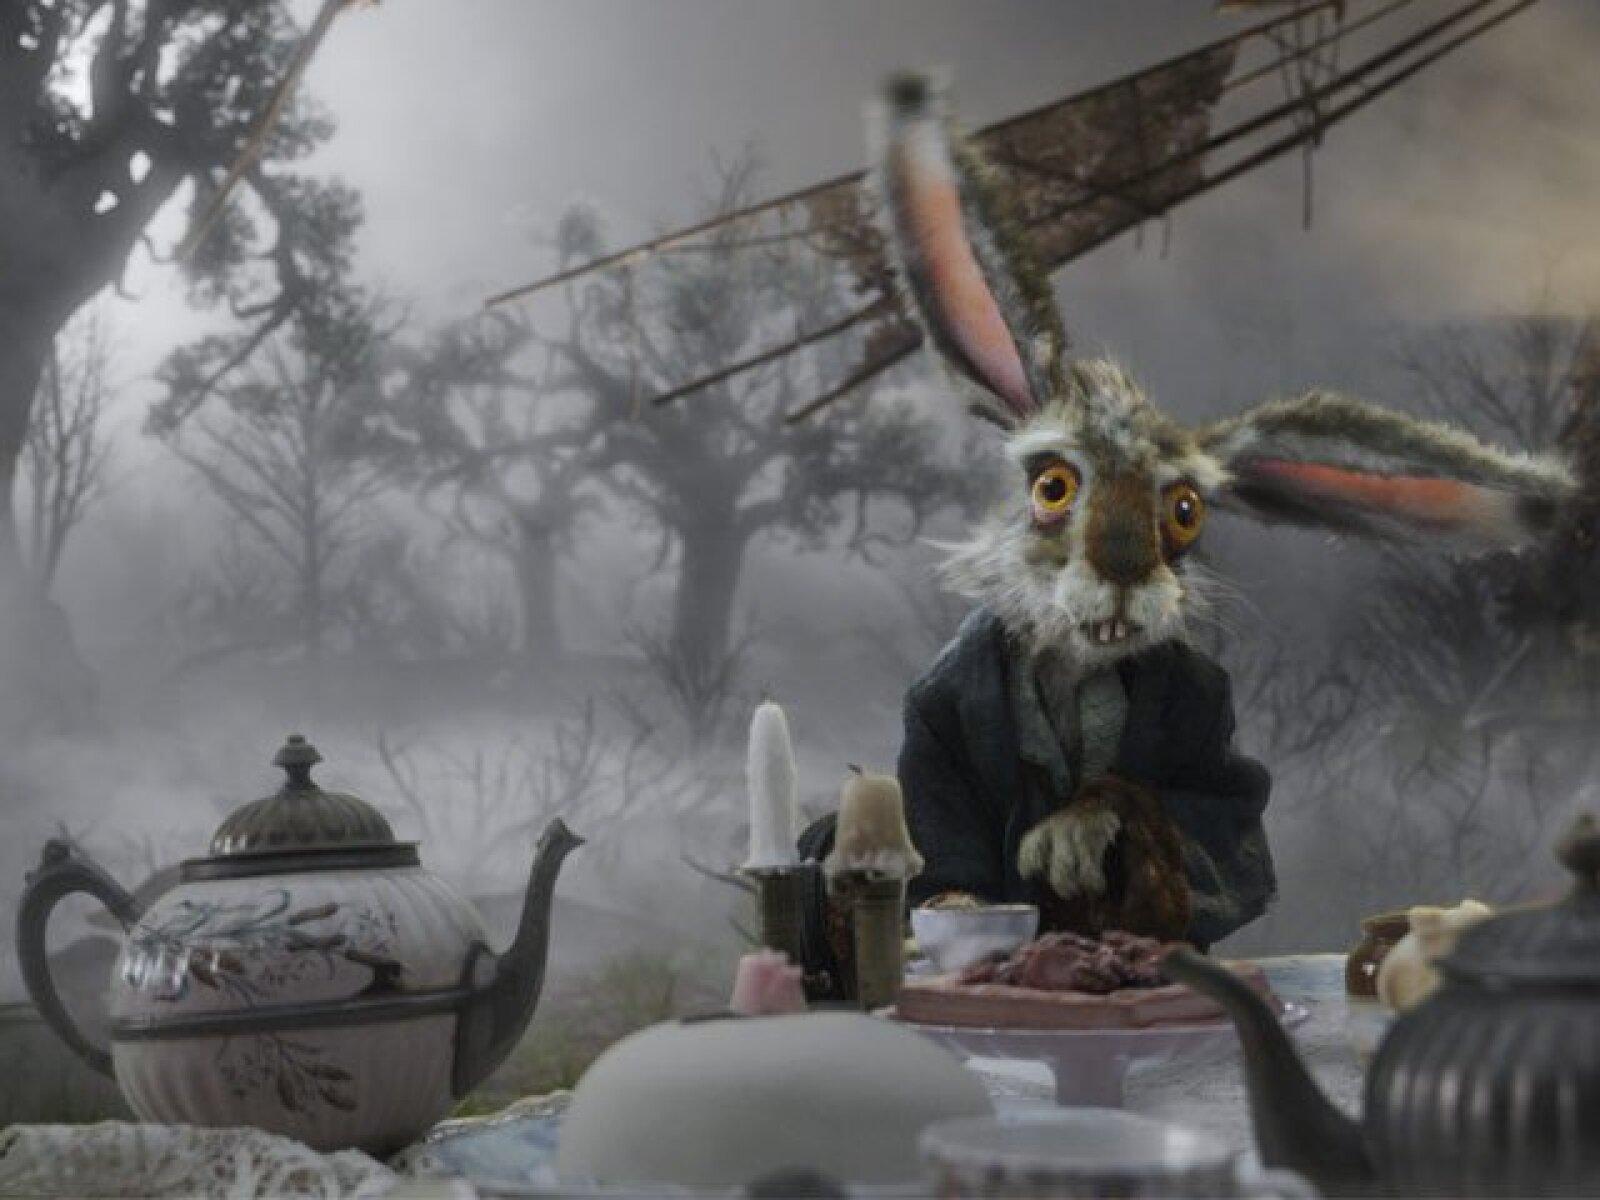 La Liebre de Marzo es el anfitrión de las Meriendas del Sombrerero en su Casa de la Liebre.